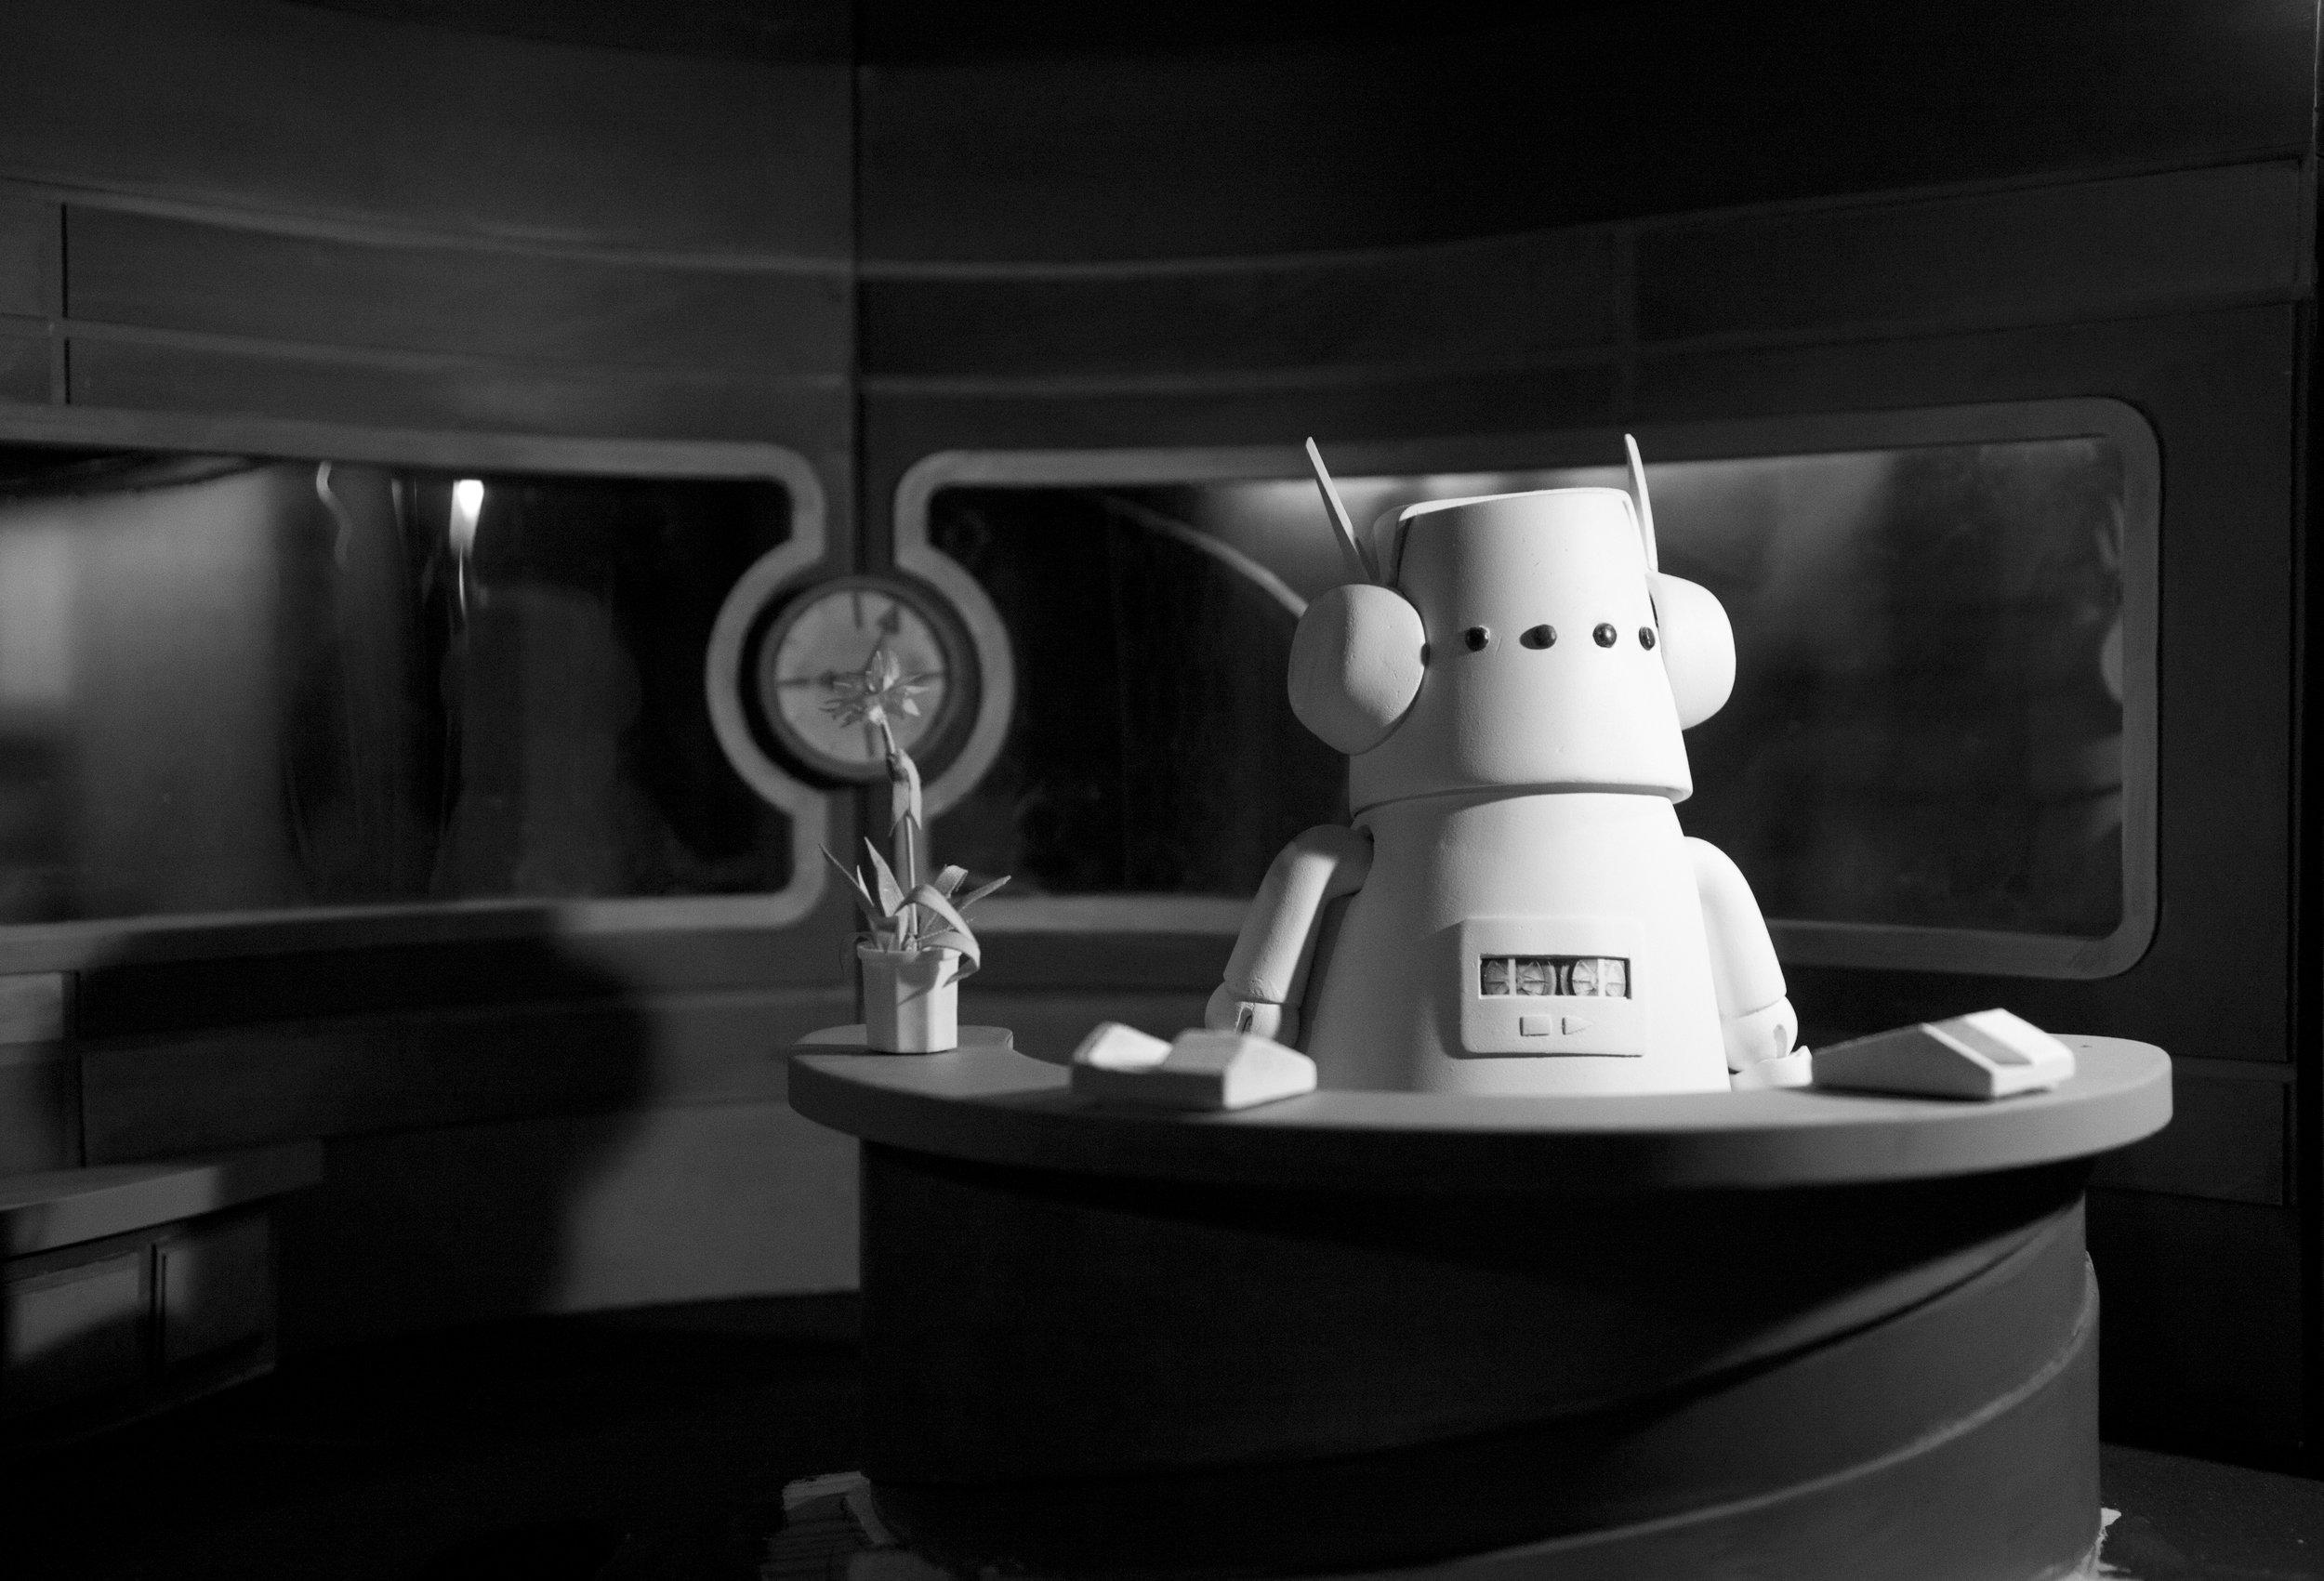 NUFONIA_002_robot_AJ Korkidakis